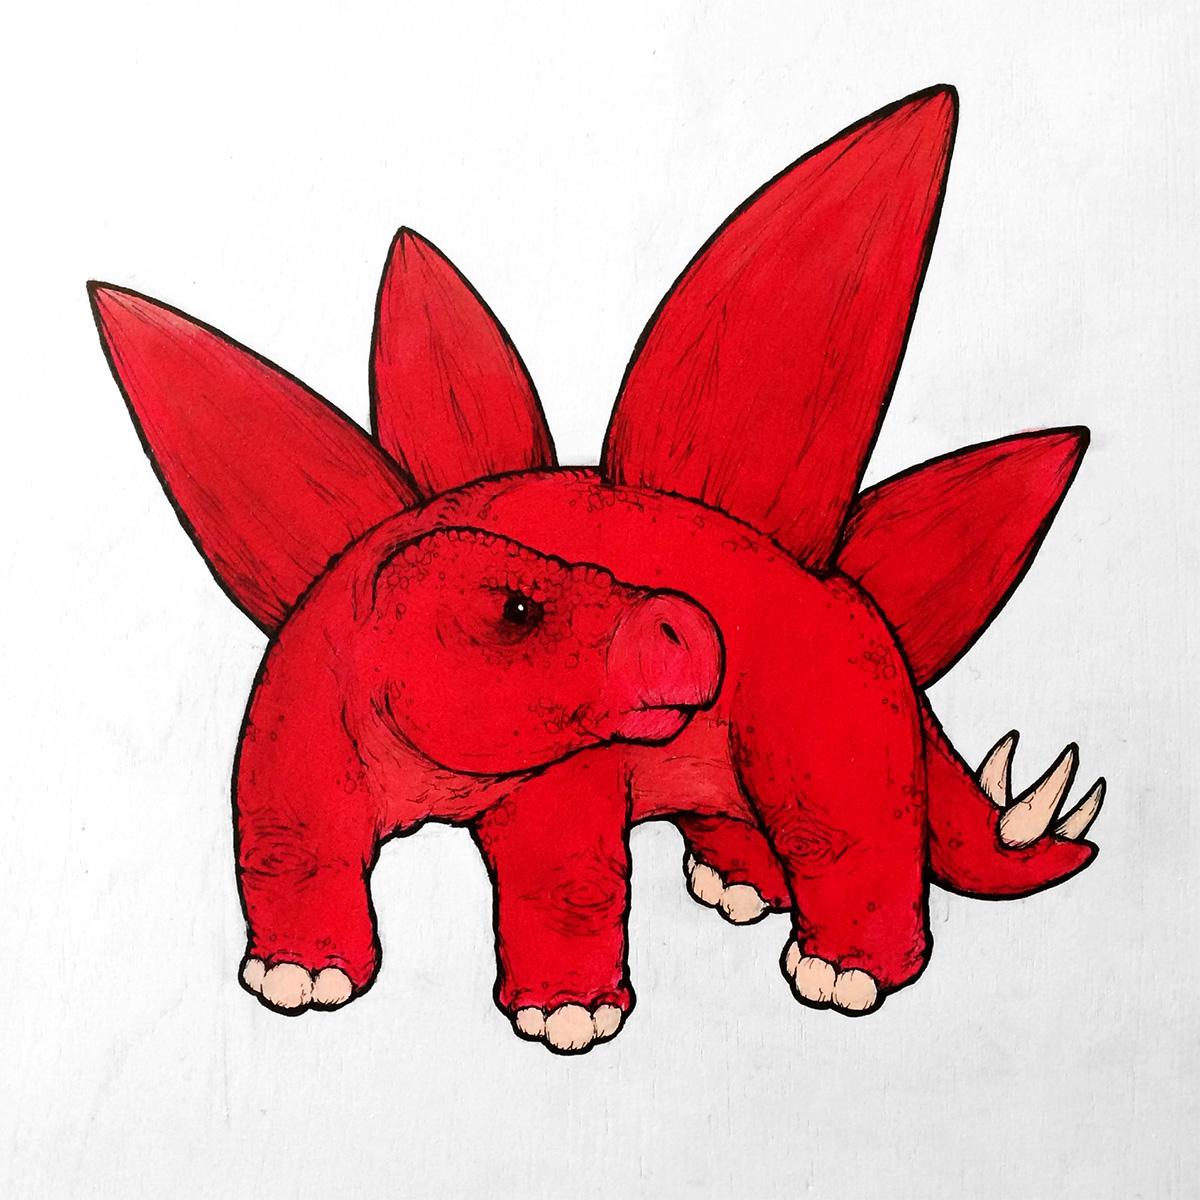 Stegosaurus_illustration.jpg